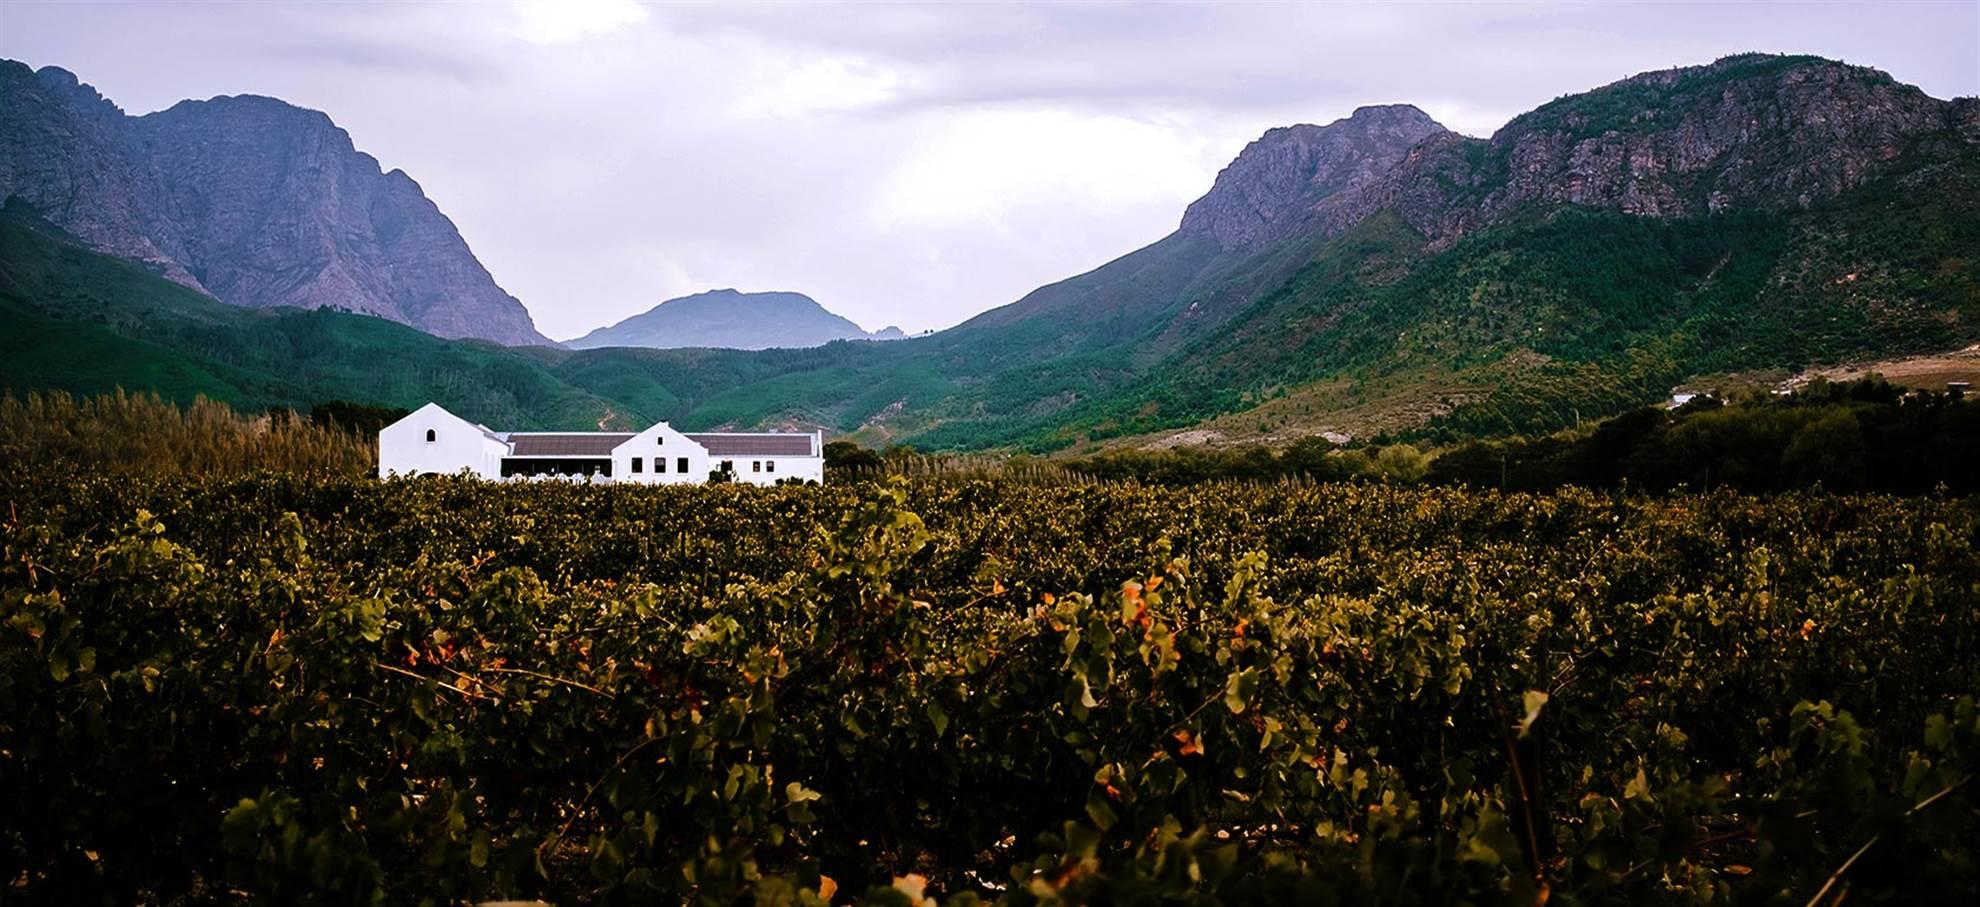 Stellenbosch-Franschhoek dagtour